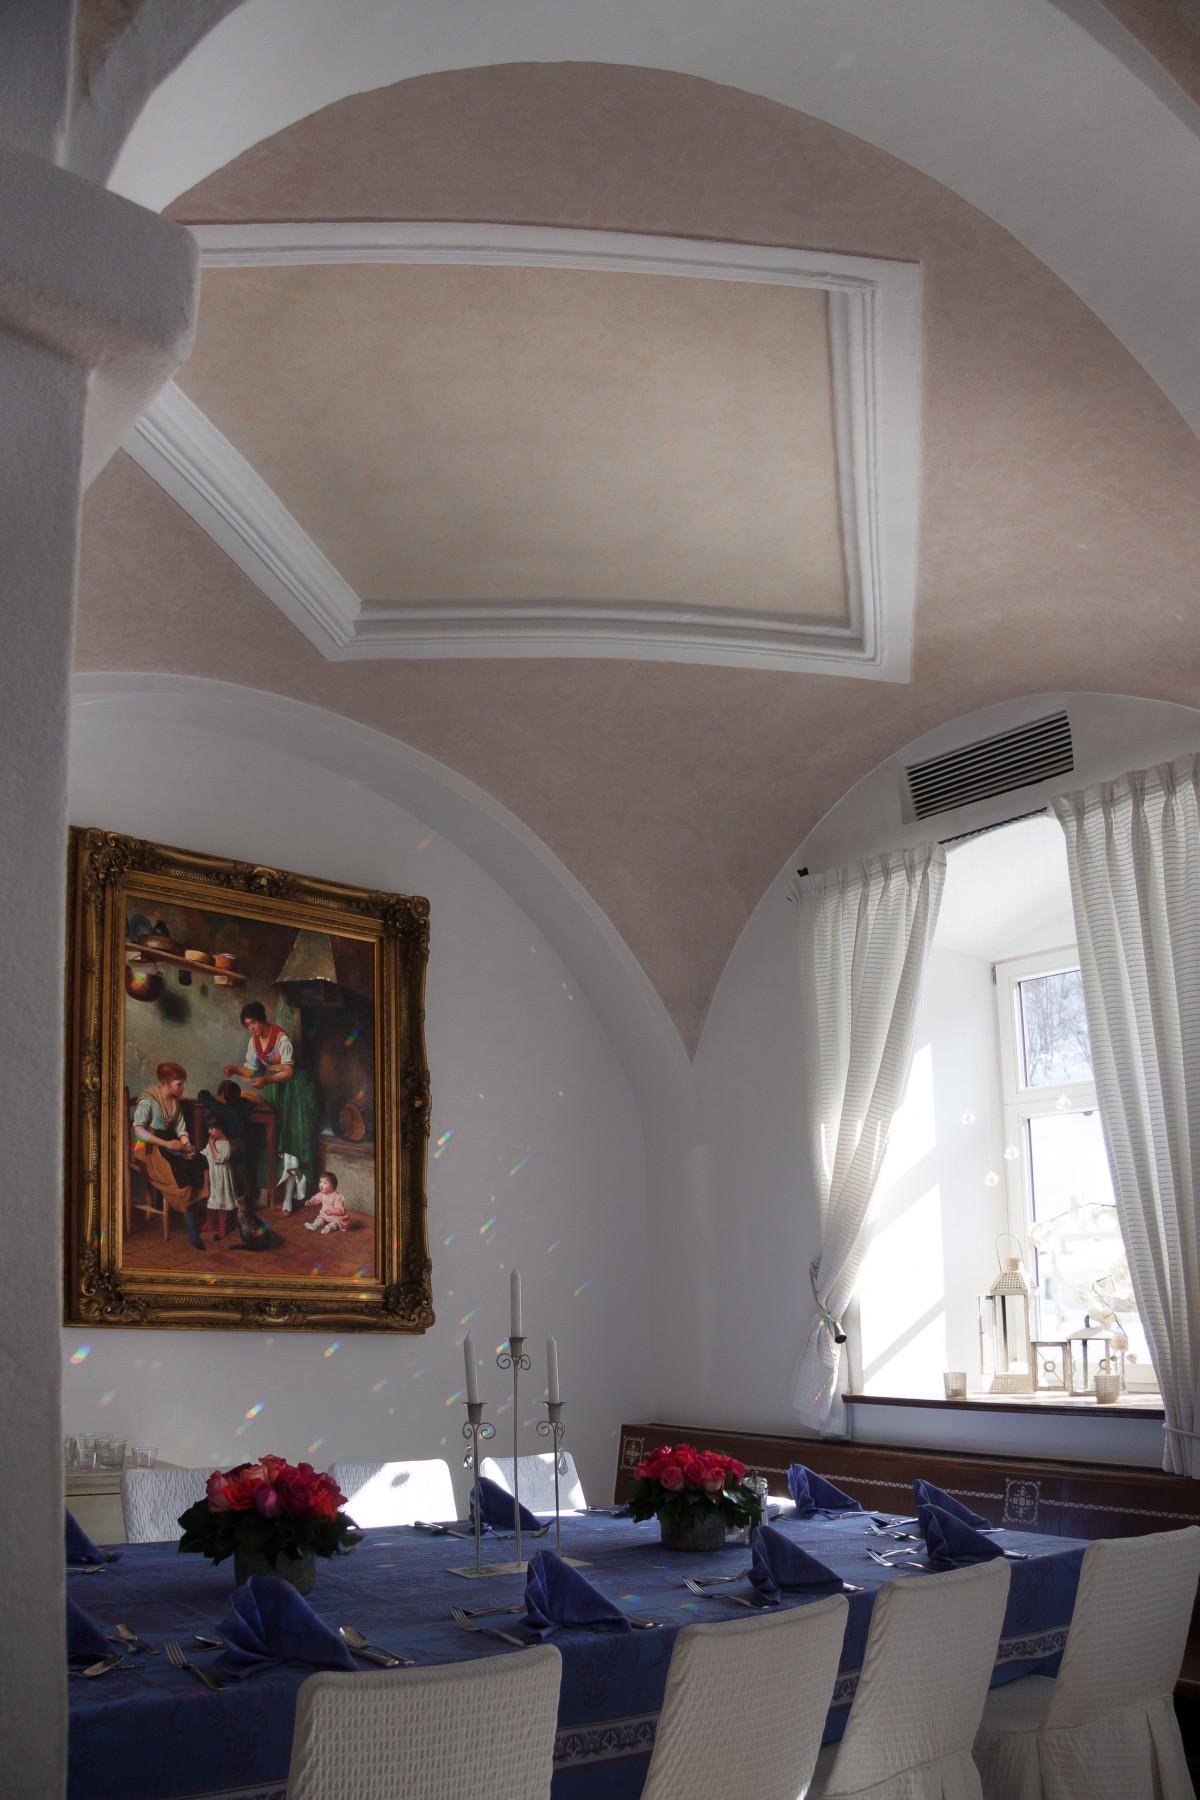 comment peindre le plafond retrouvez les meilleures. Black Bedroom Furniture Sets. Home Design Ideas